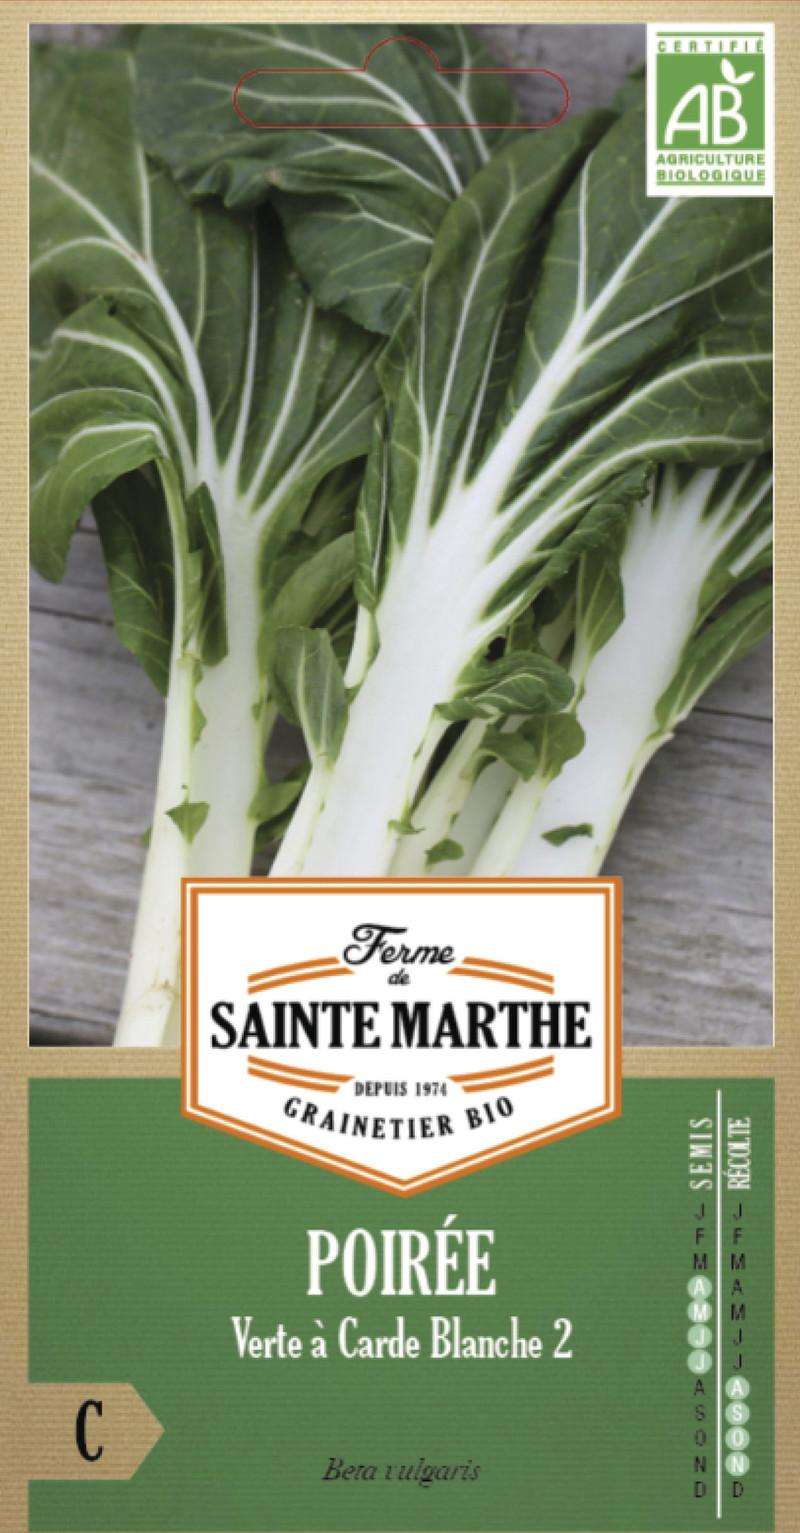 poiree verte a carde blanche 2 blette bette bio la ferme de sainte marthe graine semence potager - Voir en grand